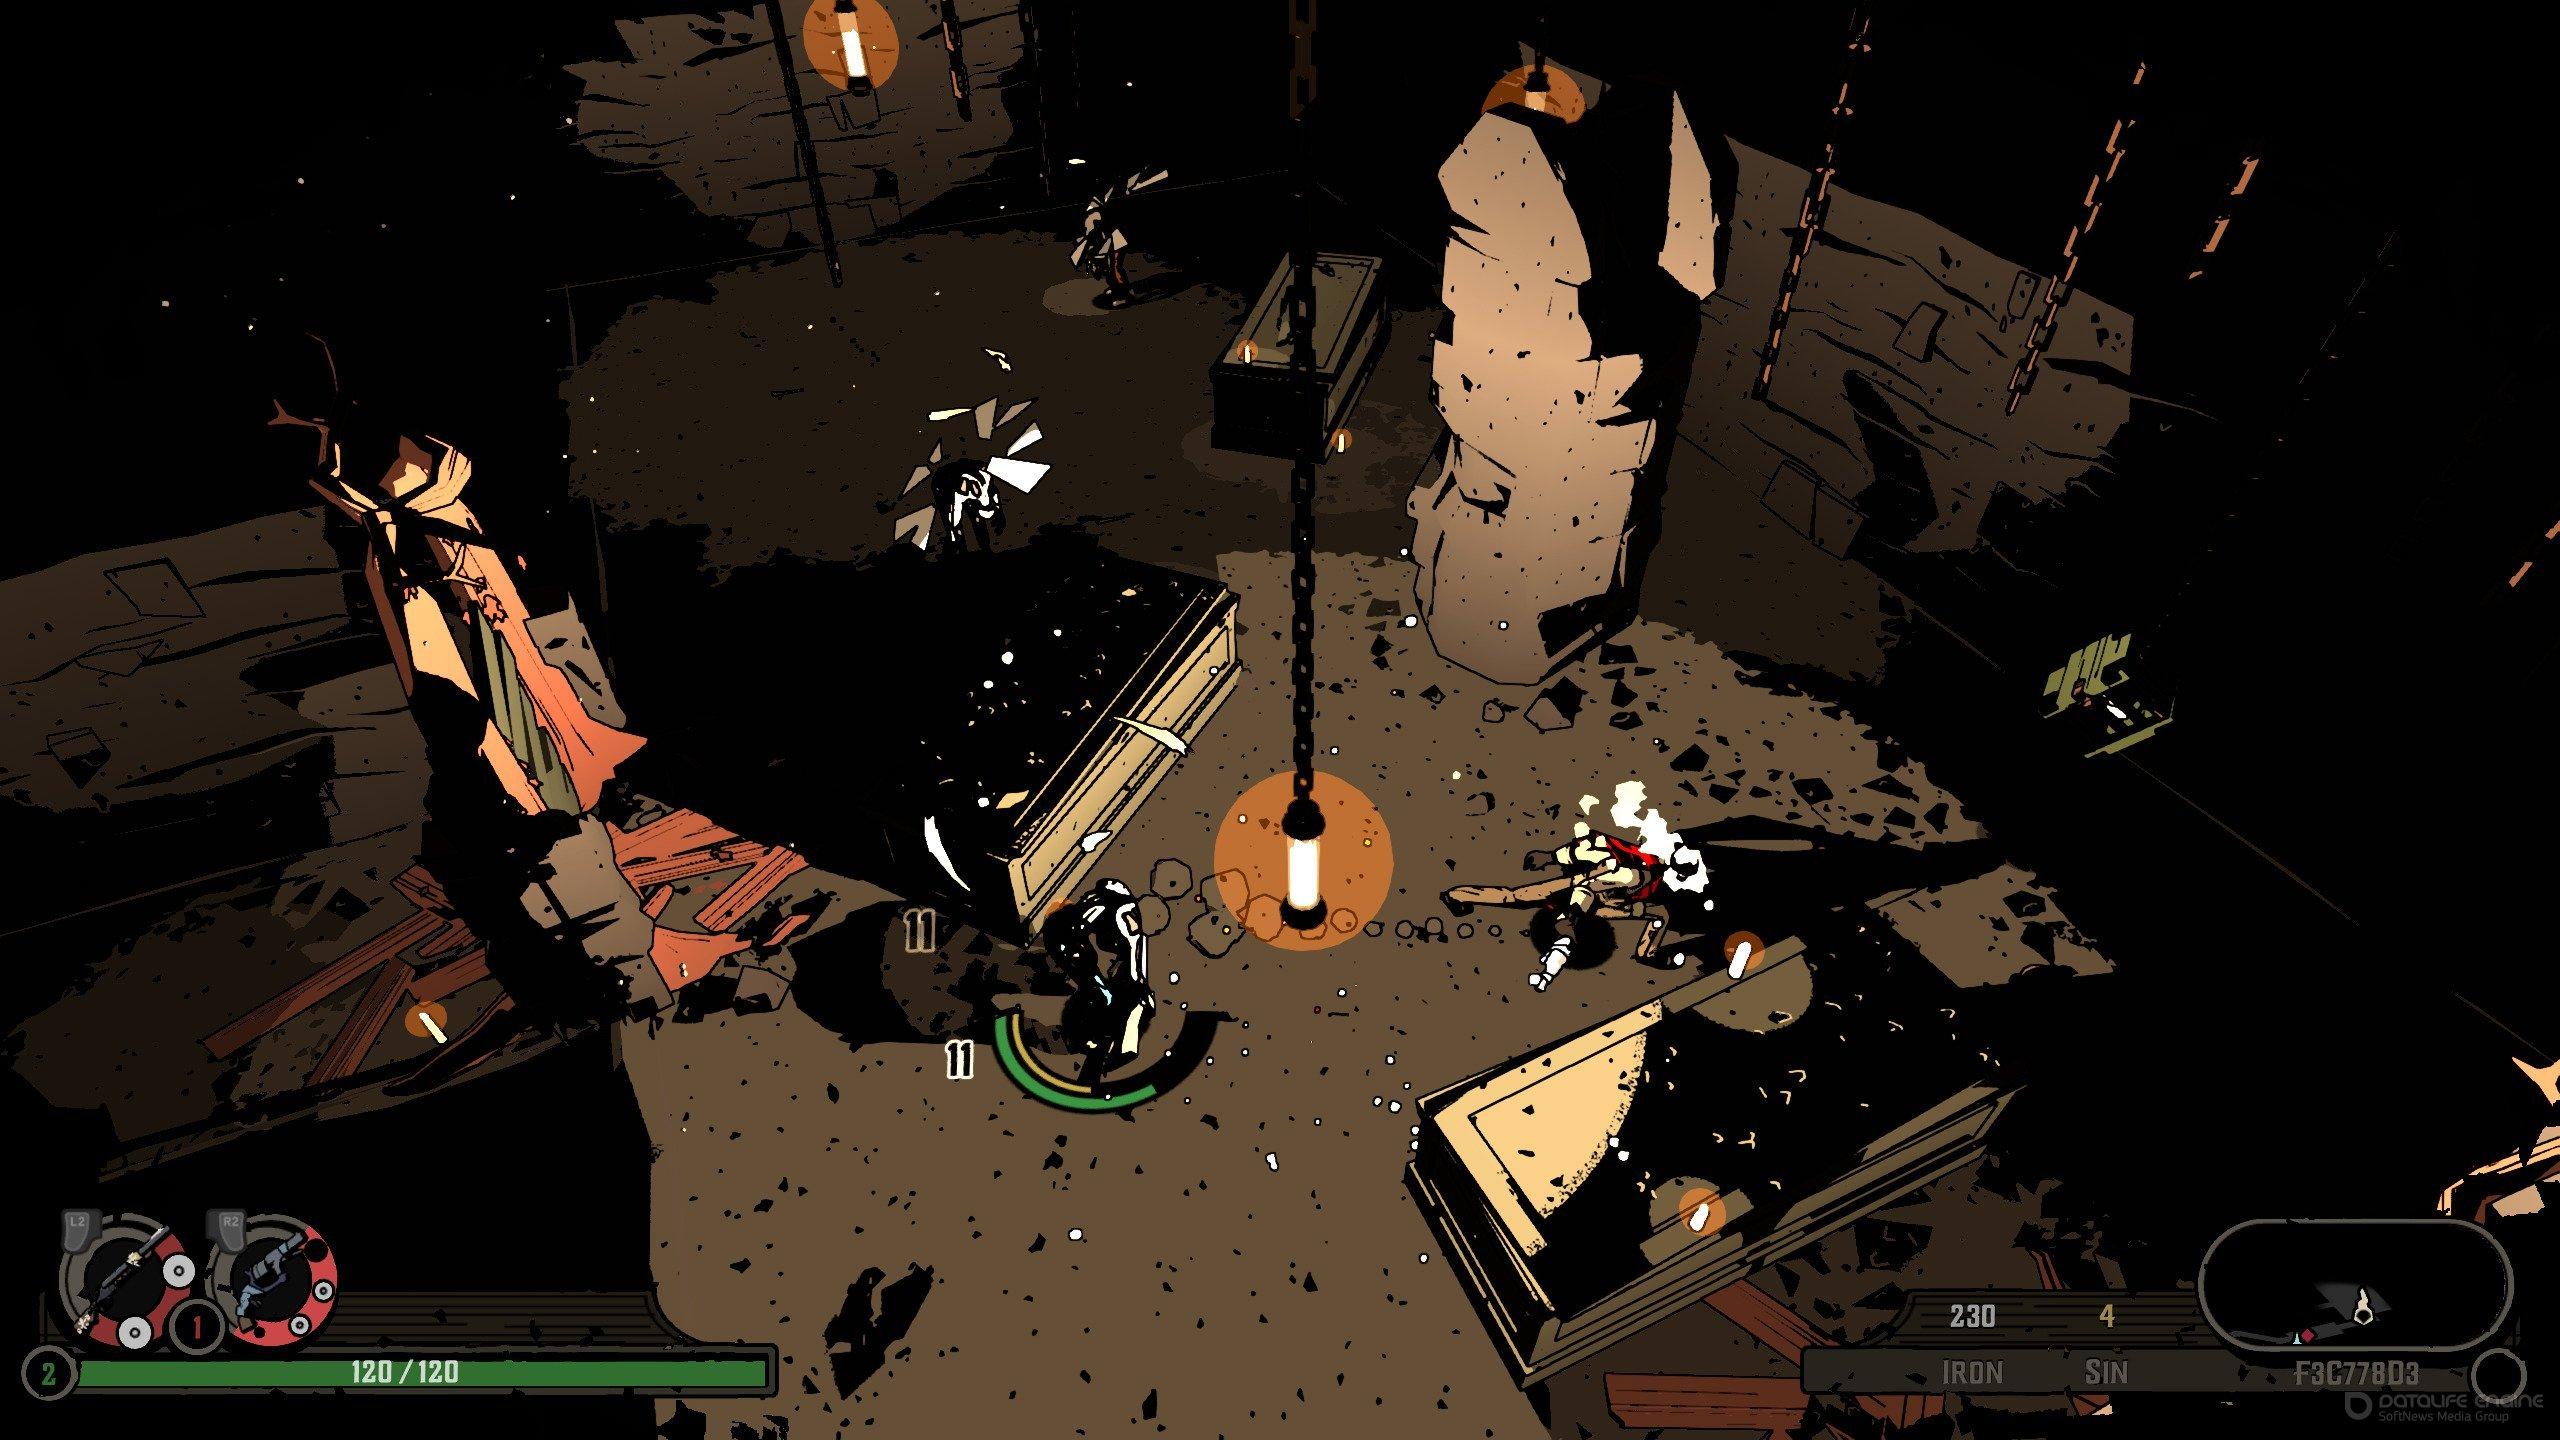 Скриншот к игре West of Dead v.1.11.1.5 [GOG] (2020) скачать торрент Лицензия